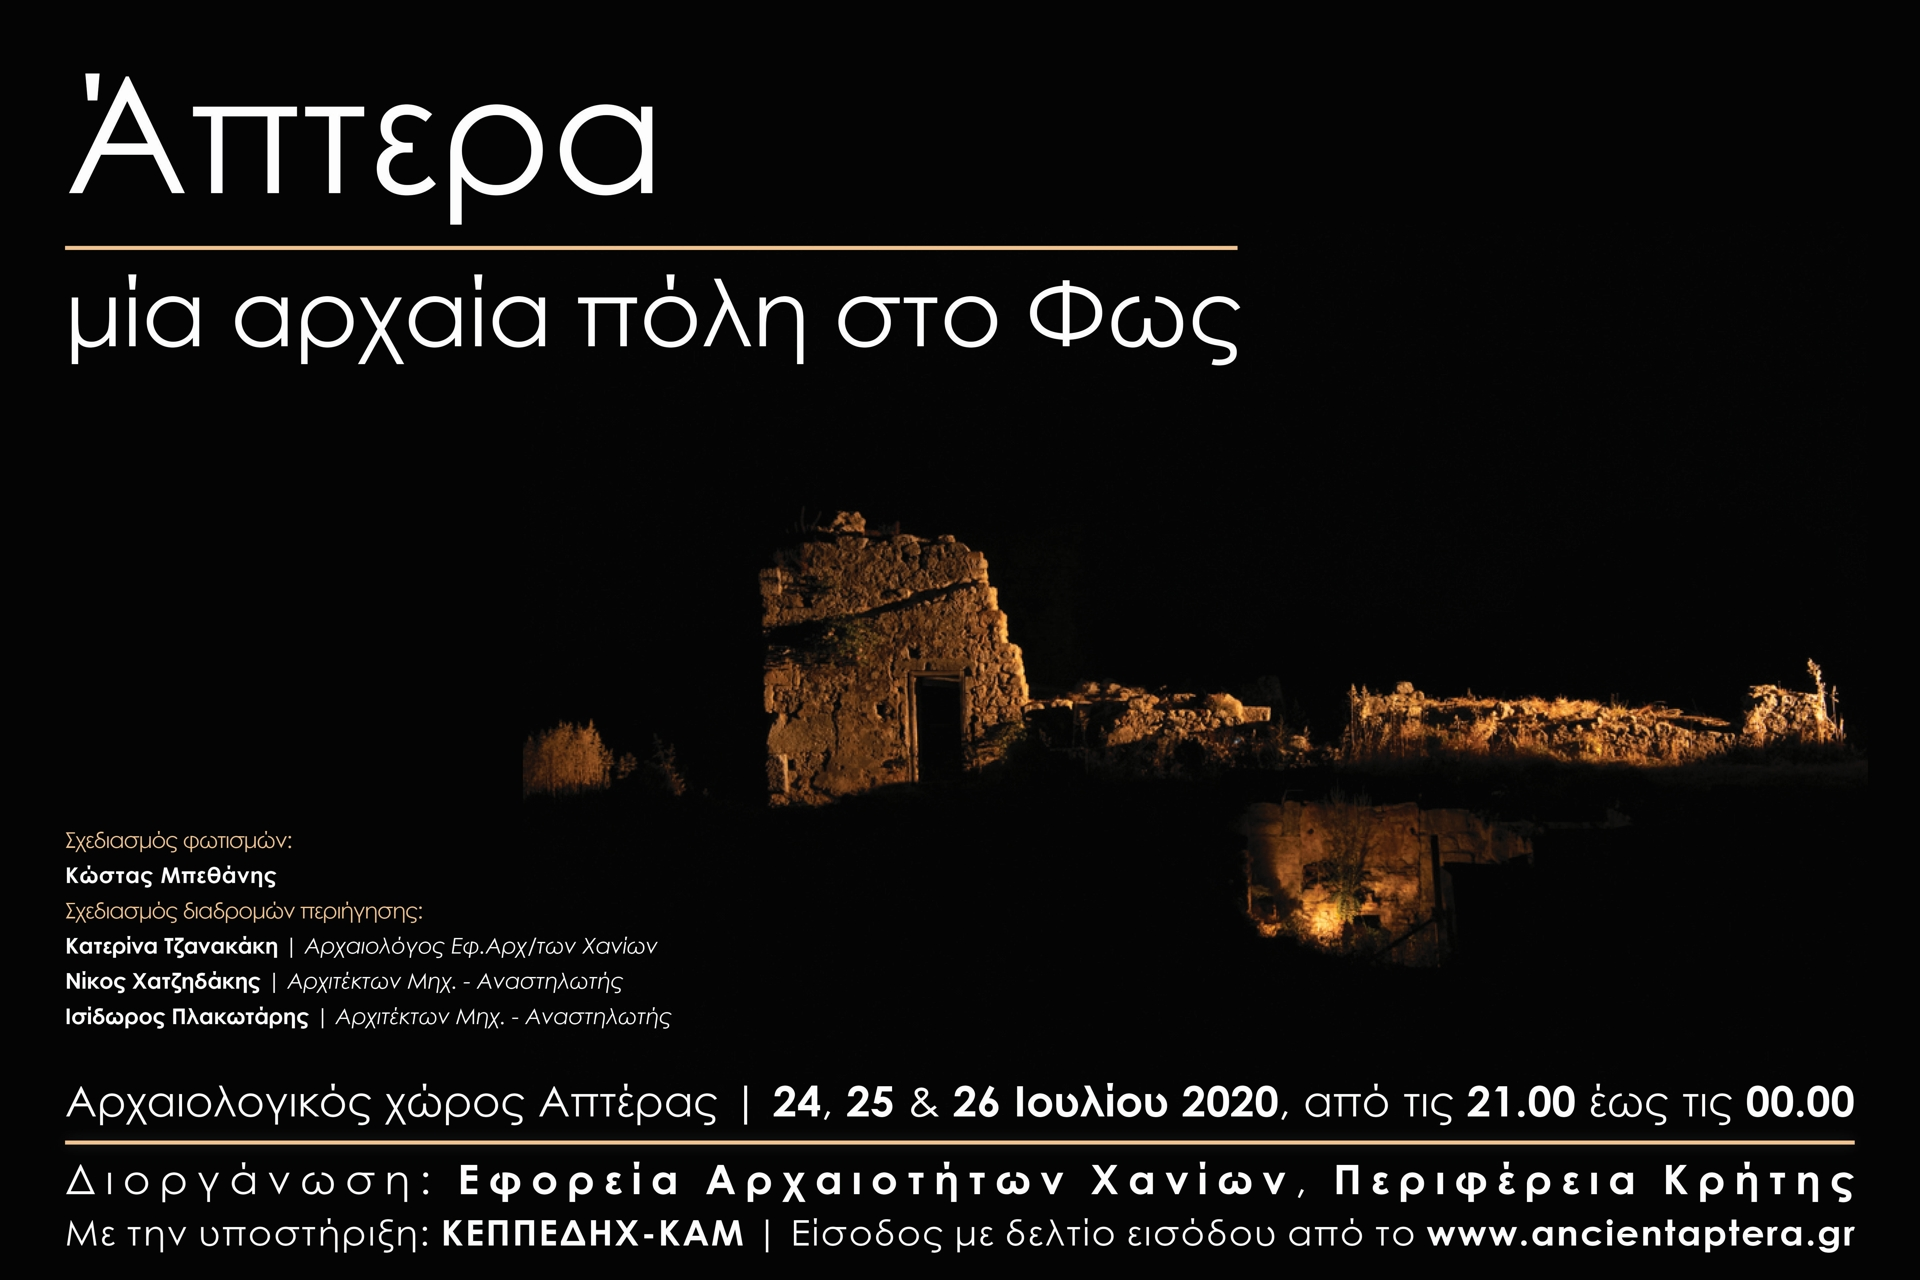 Άπτερα – μια αρχαία πόλη στο φως